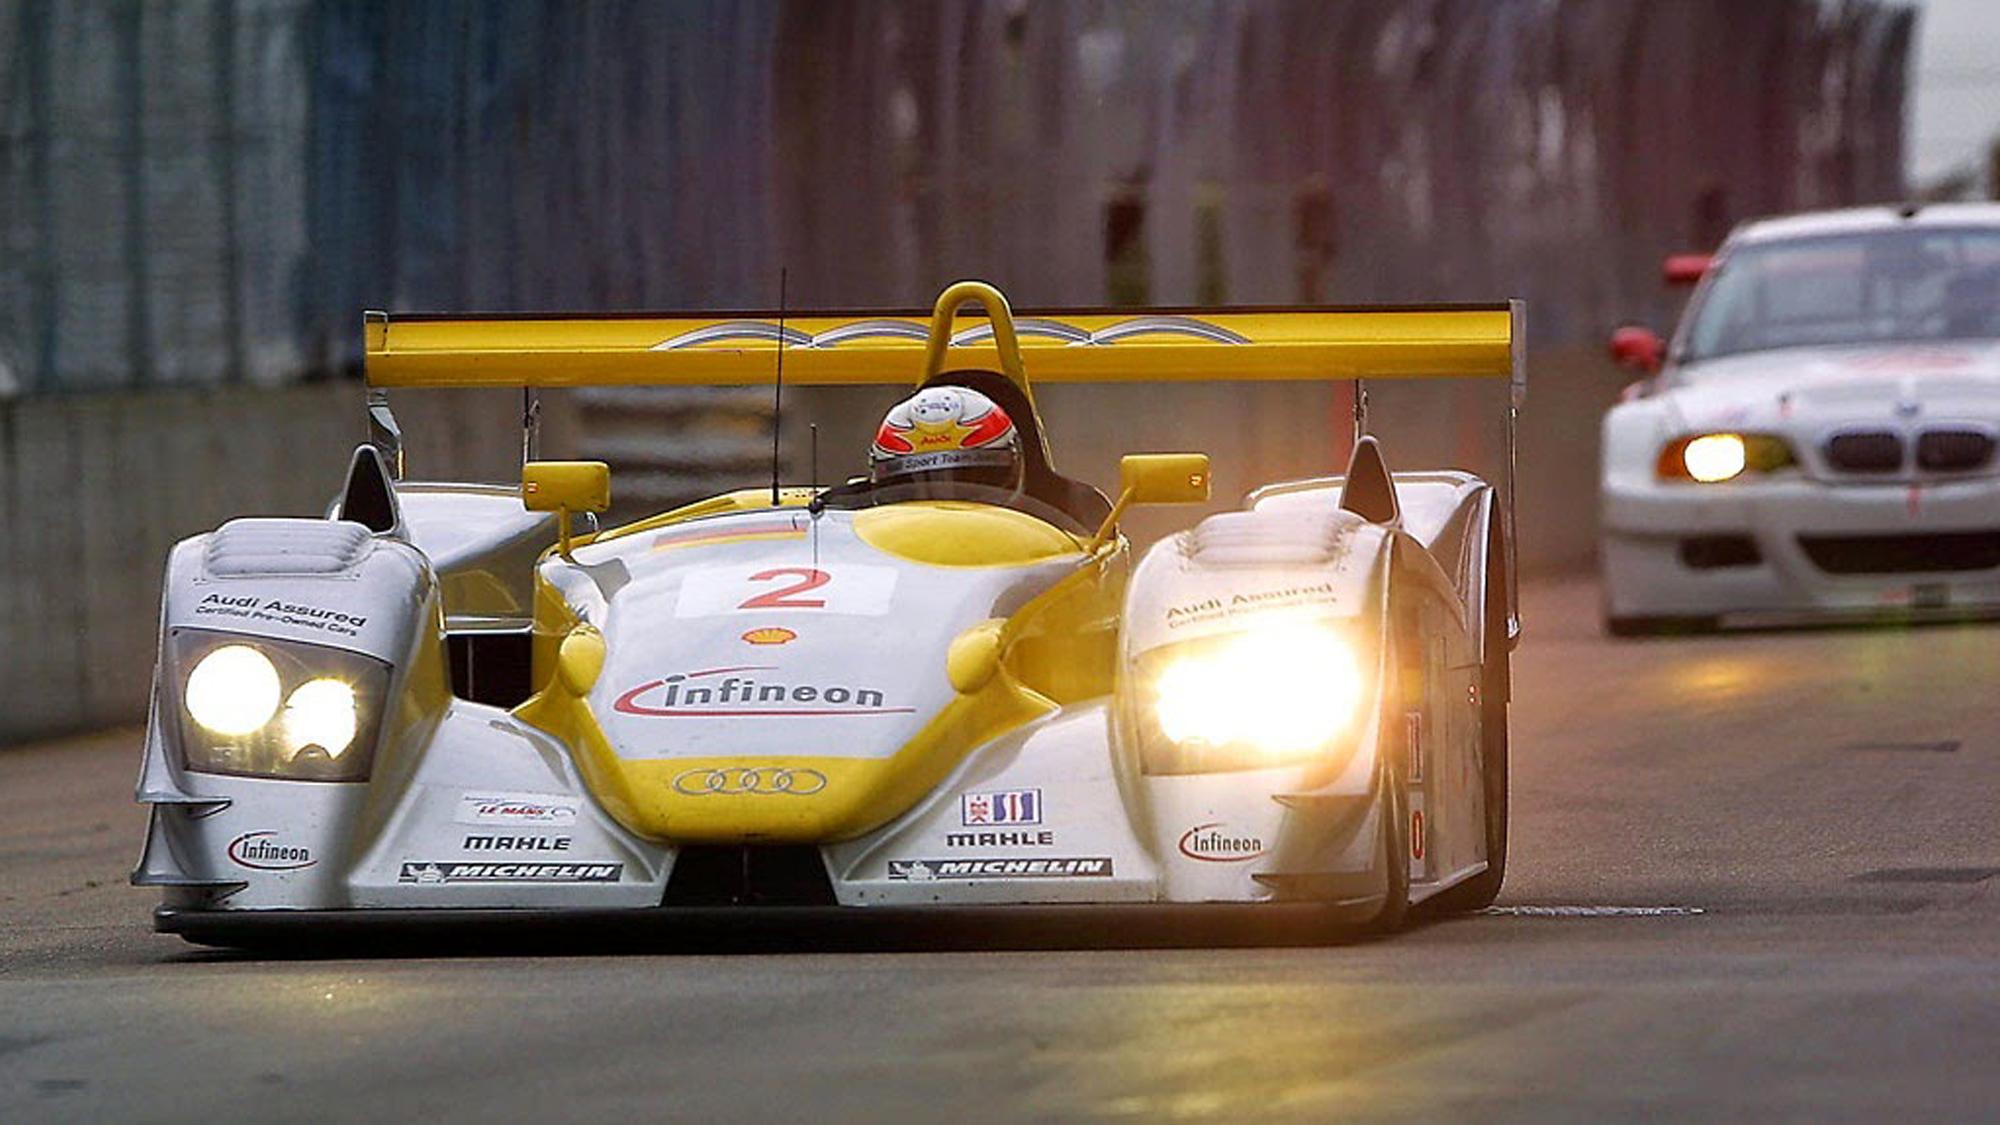 Le Grand Prix de Trois-Rivières, August 3rd 2002 - American Le Mans Series - Audi R8